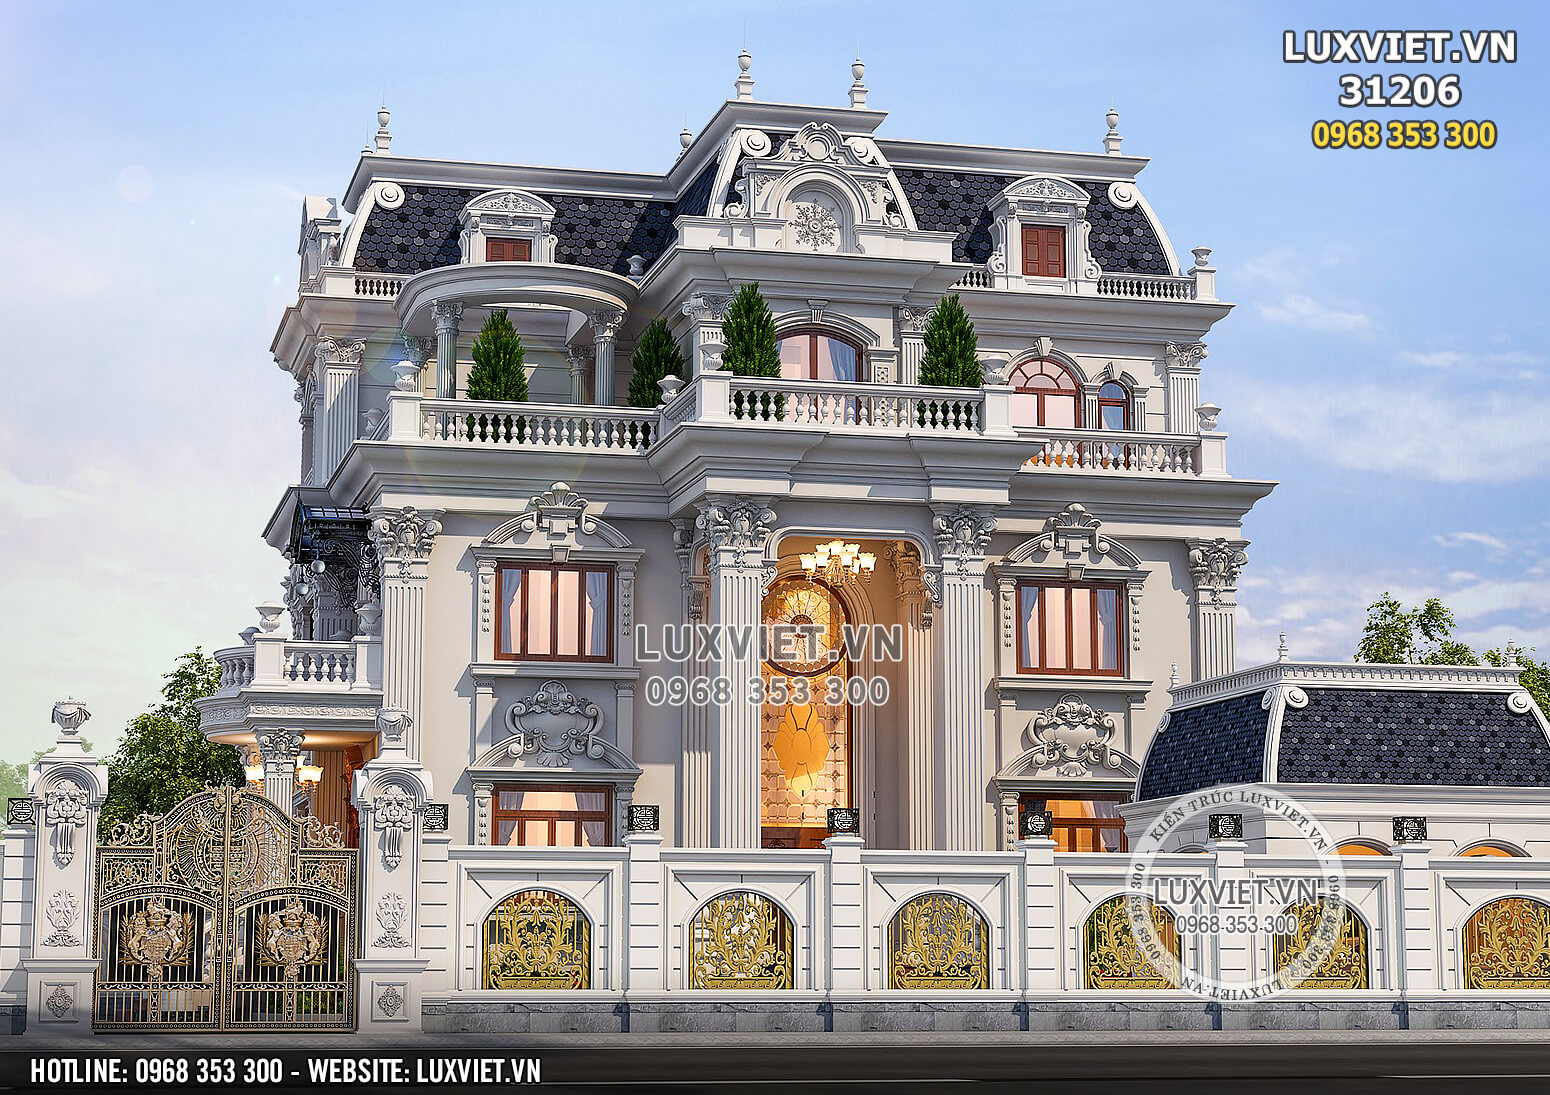 Không gian mặt tiền mẫu thiết kế dinh thự lâu đài 3 tầng tân cổ điển đẹp